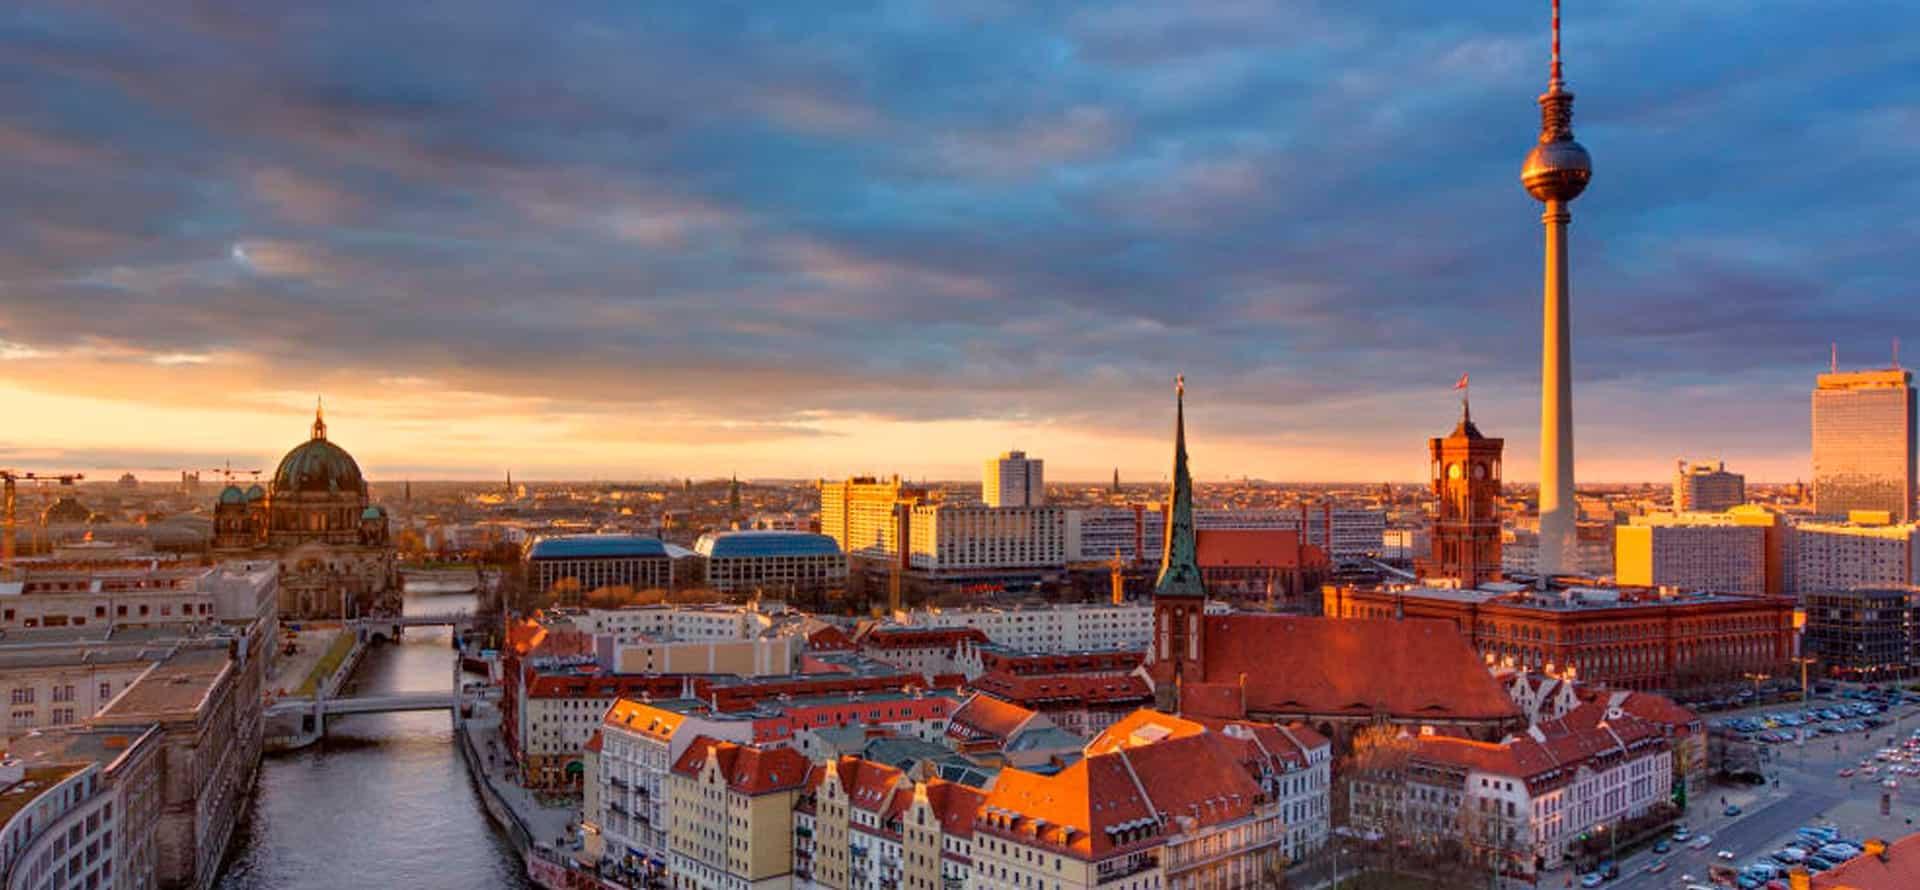 Imagén panorámica de Berlín que introduce la página de Alemán a la medida de la Academia Alemana Deutsch en Bogotá